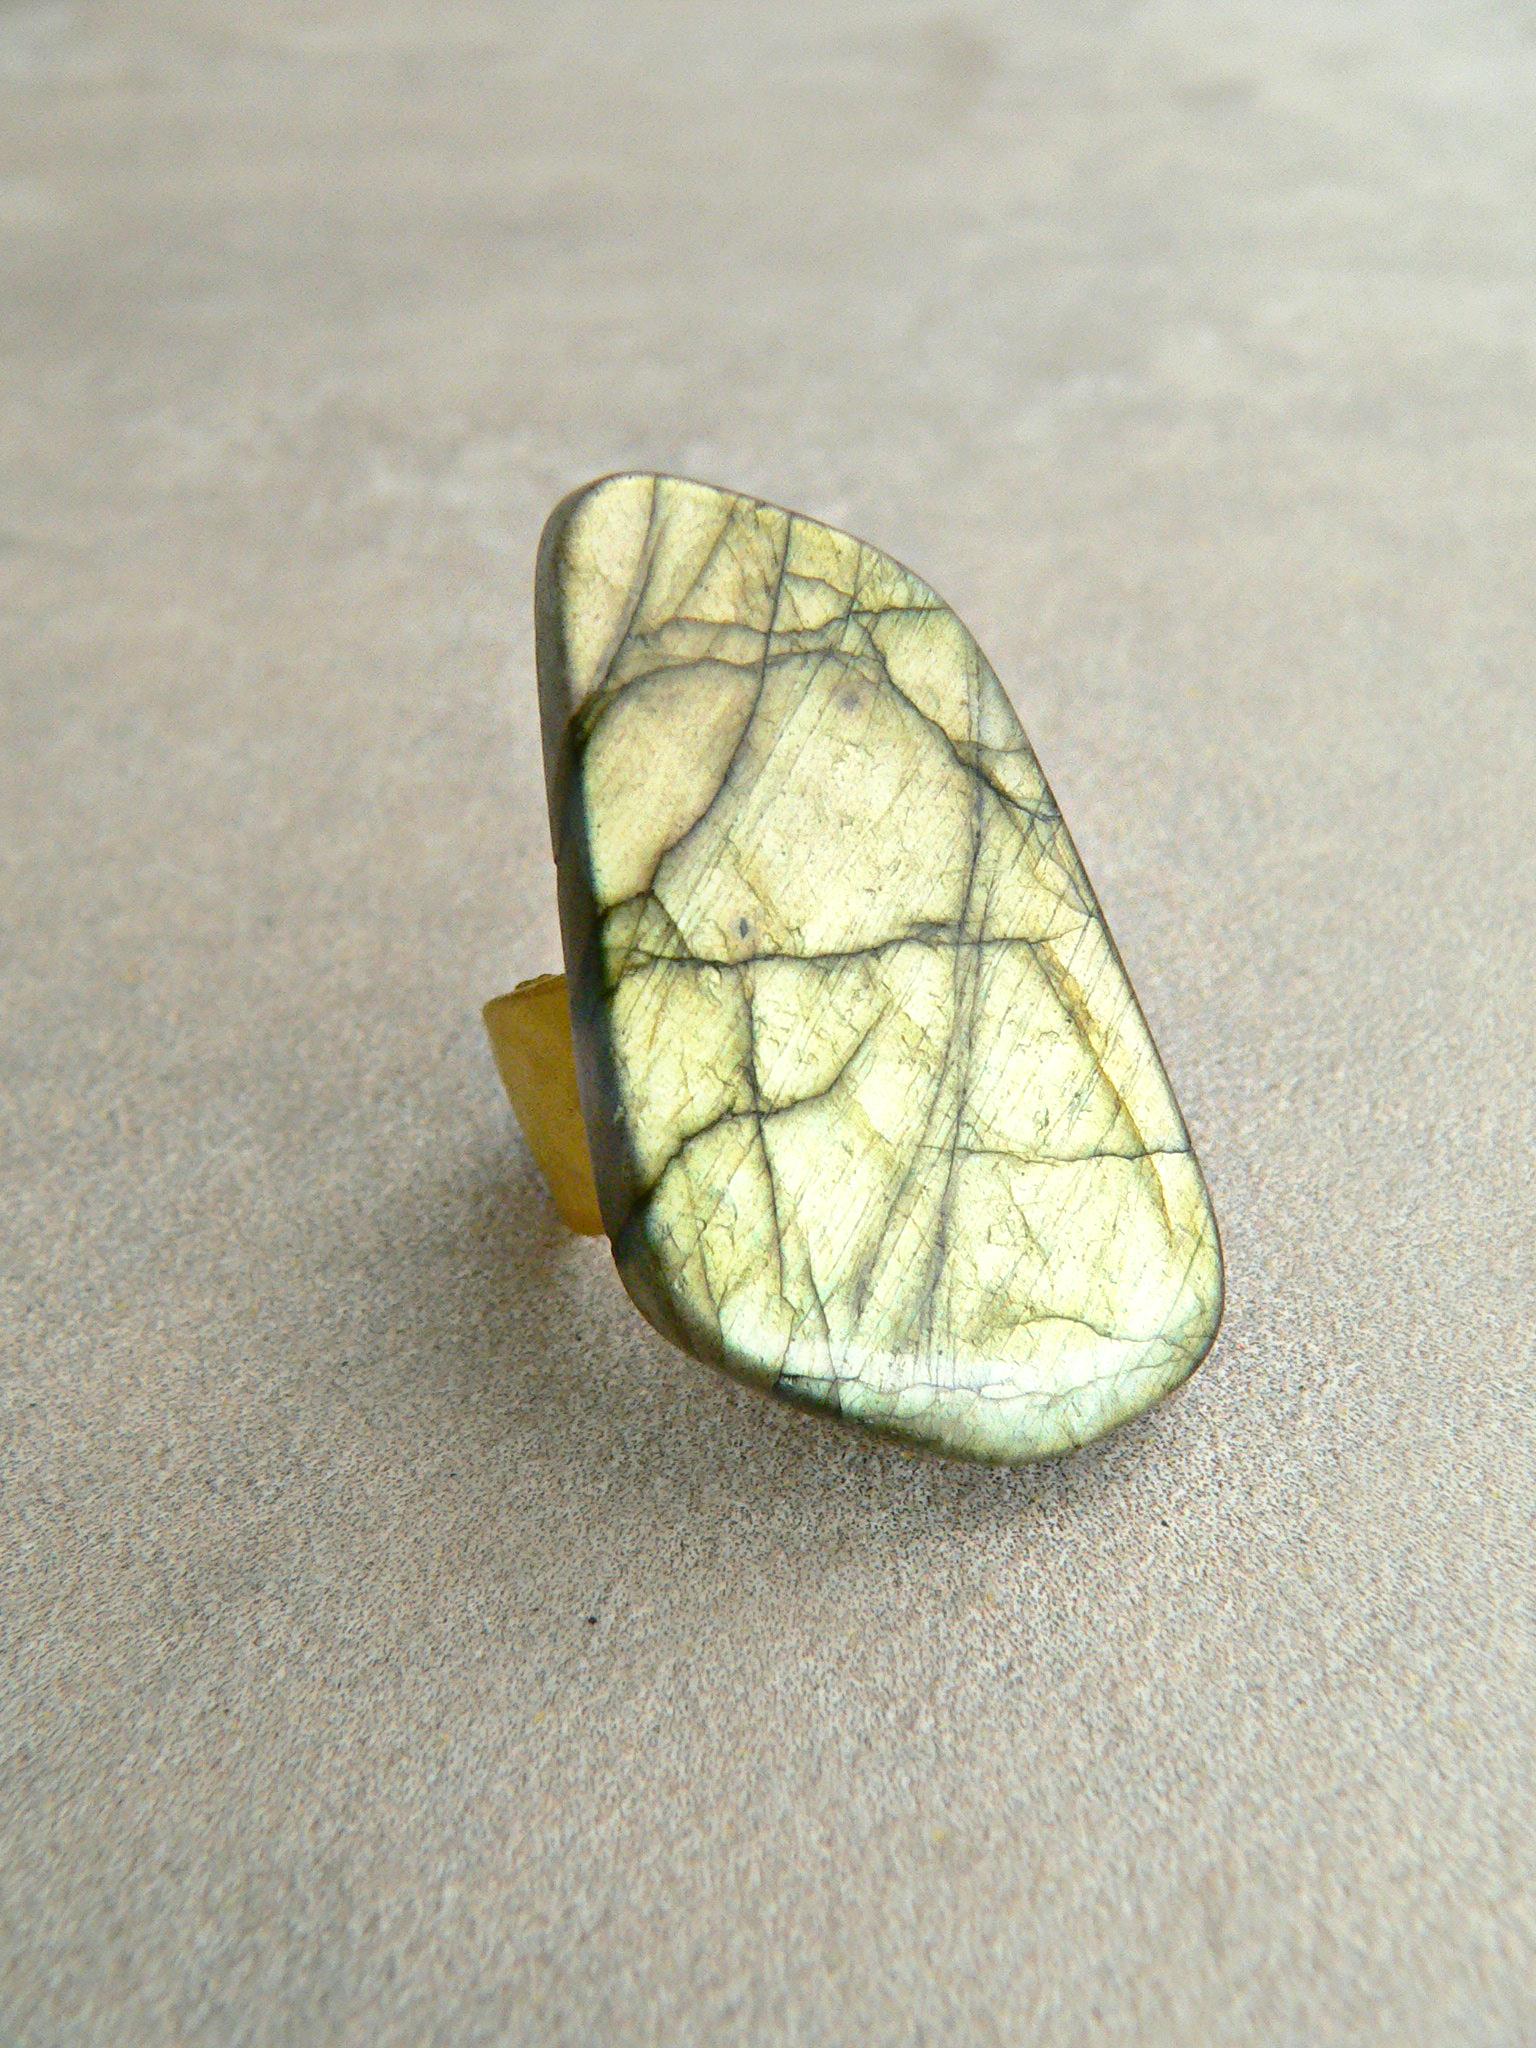 SOLEIL LABRADORITE RING